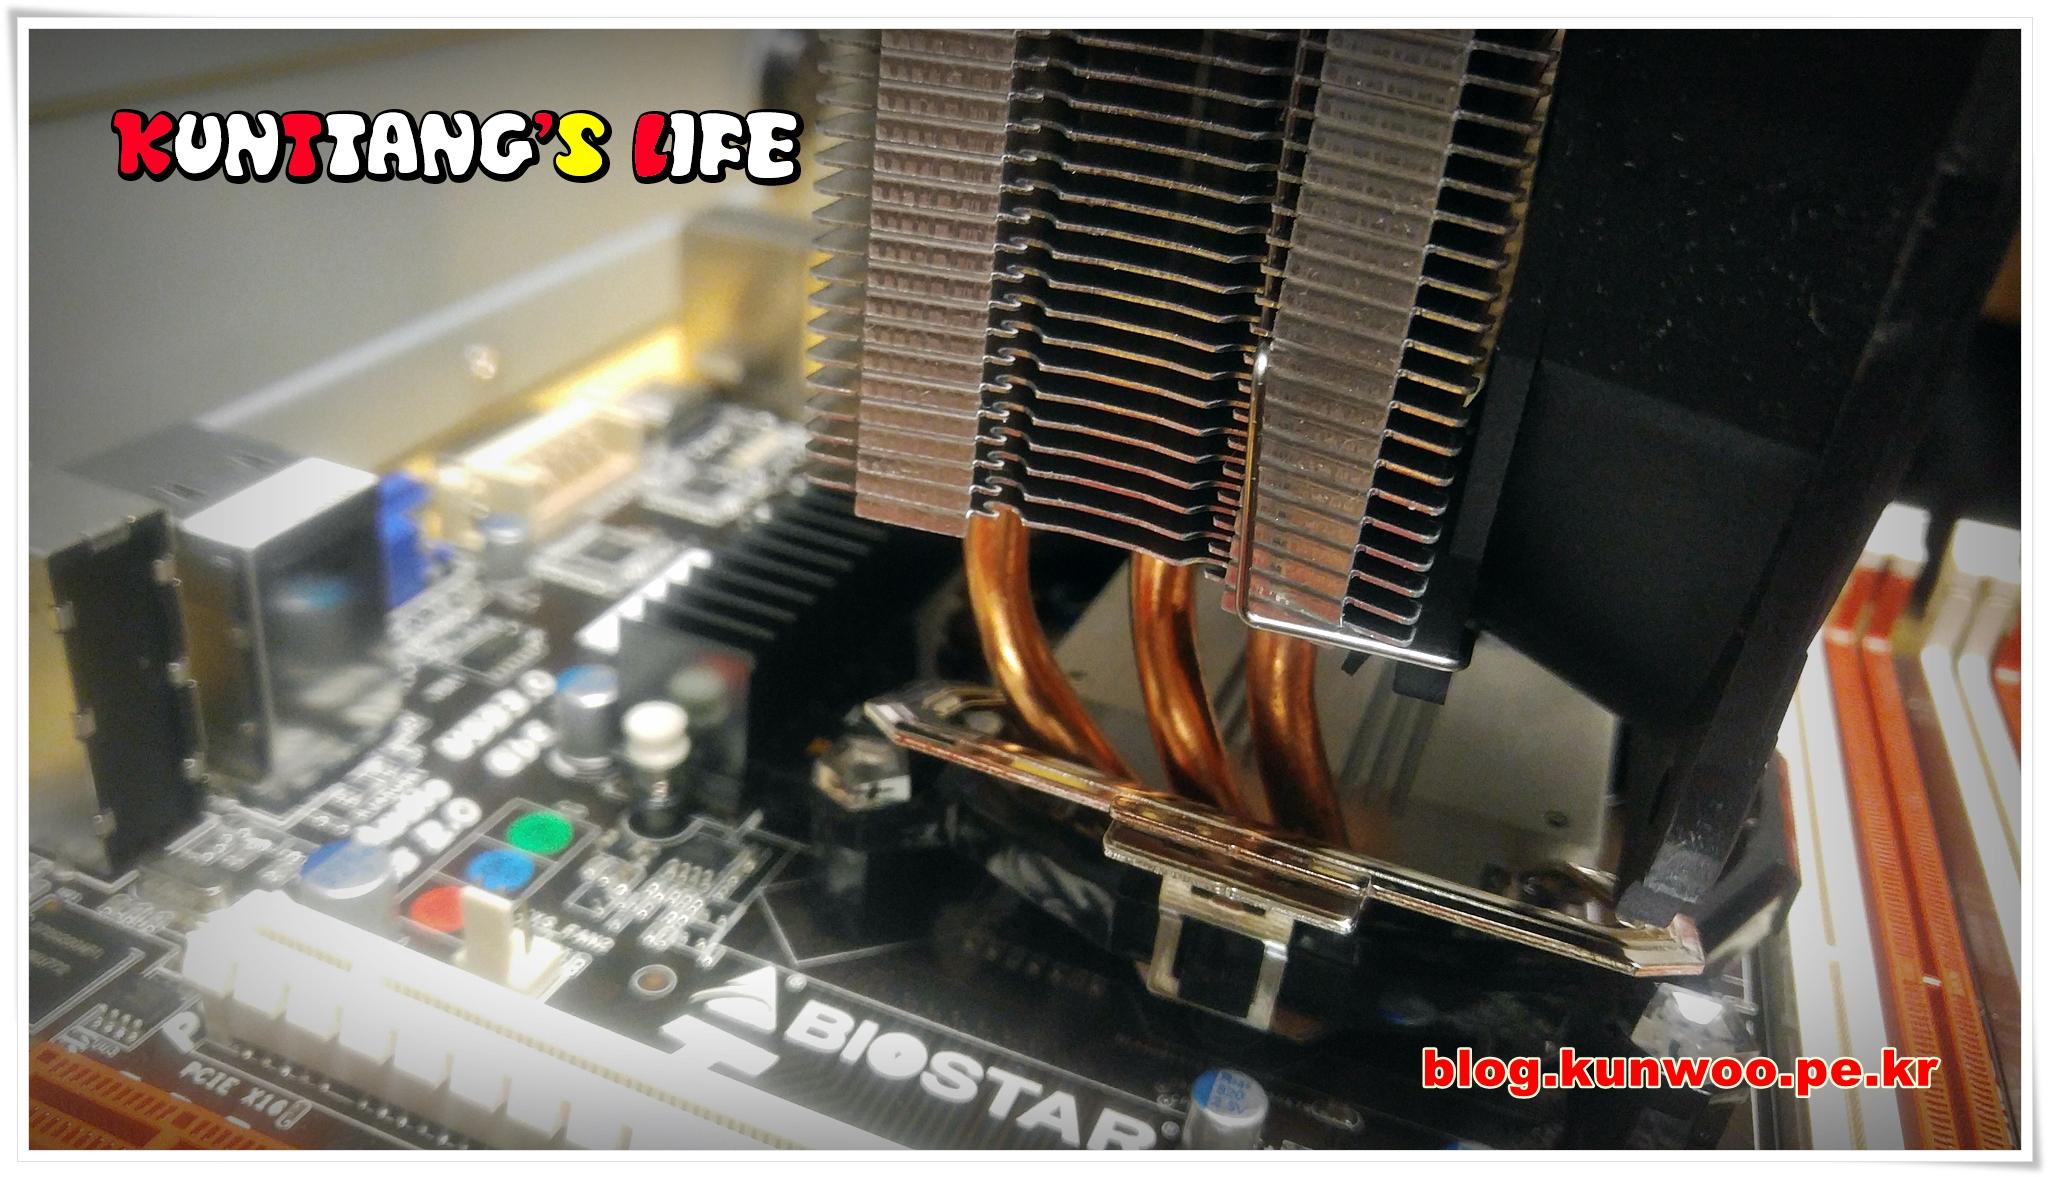 [그림11] 가이드에 장착된 쿨러의 핀 모습